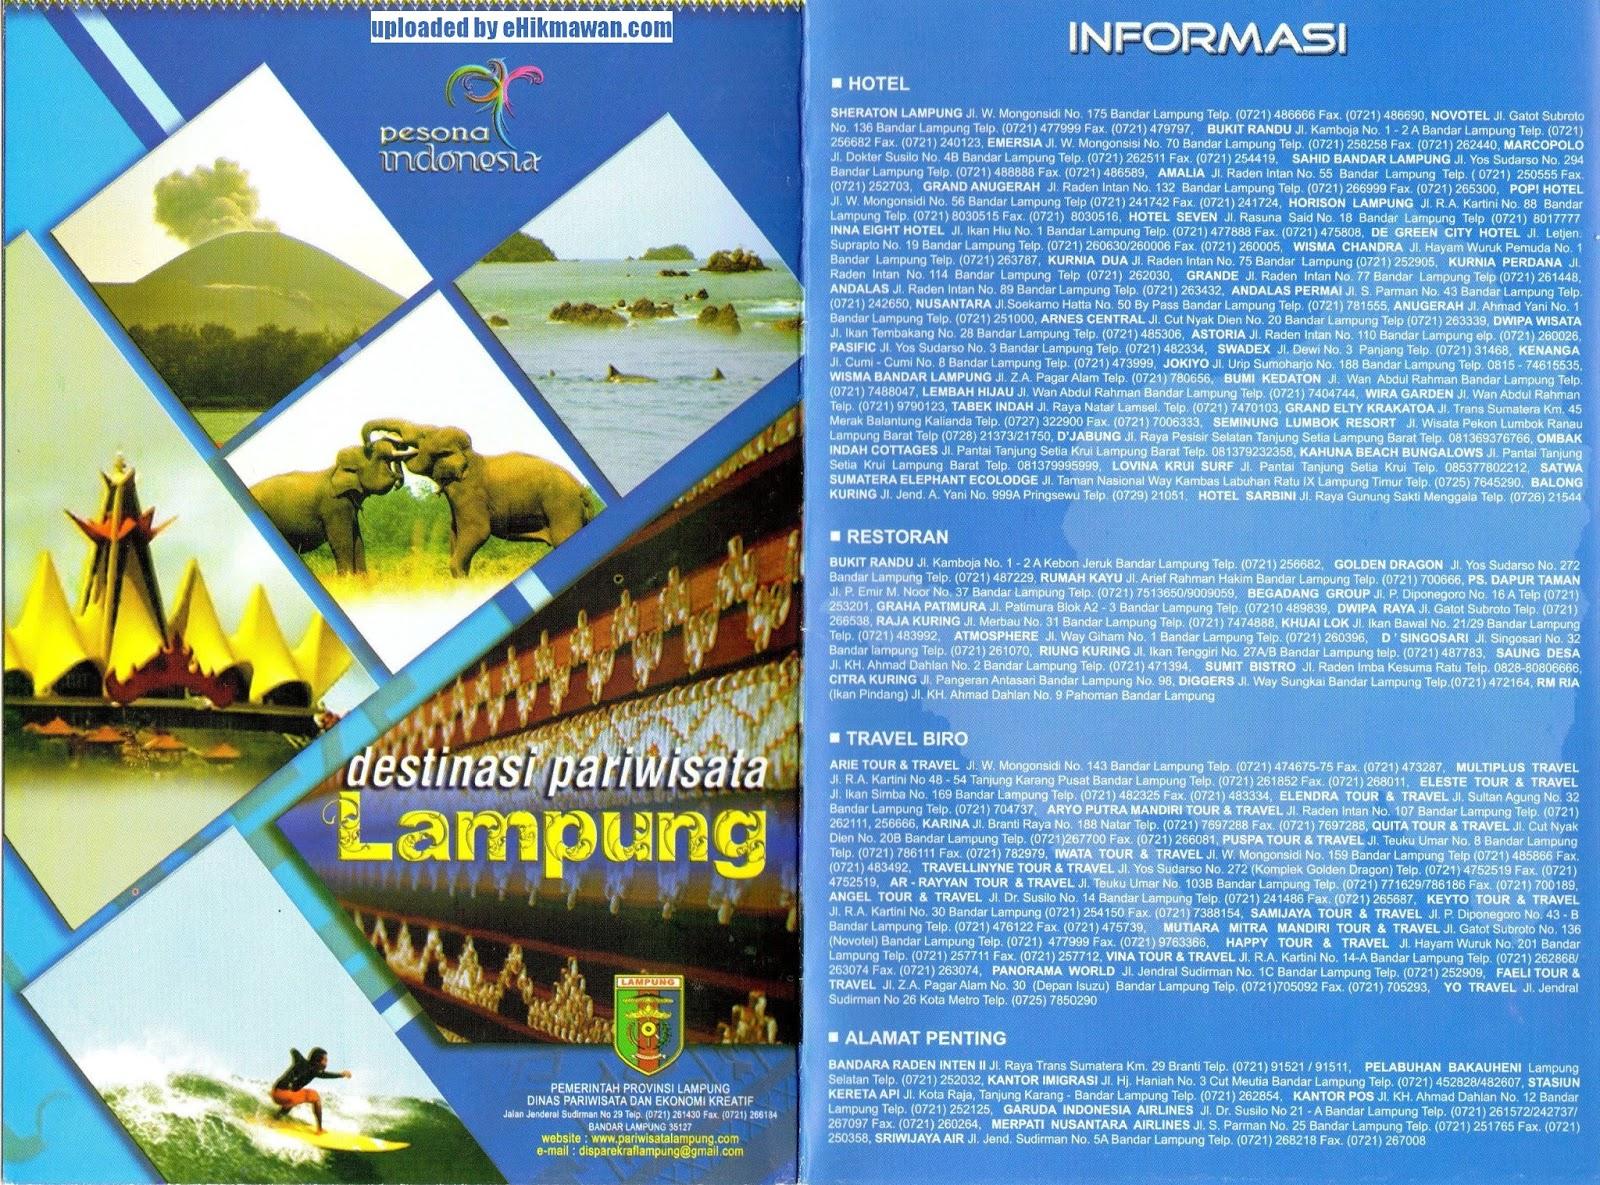 Pesona Indonesia Brosur Peta Destinasi Pariwisata Lampung